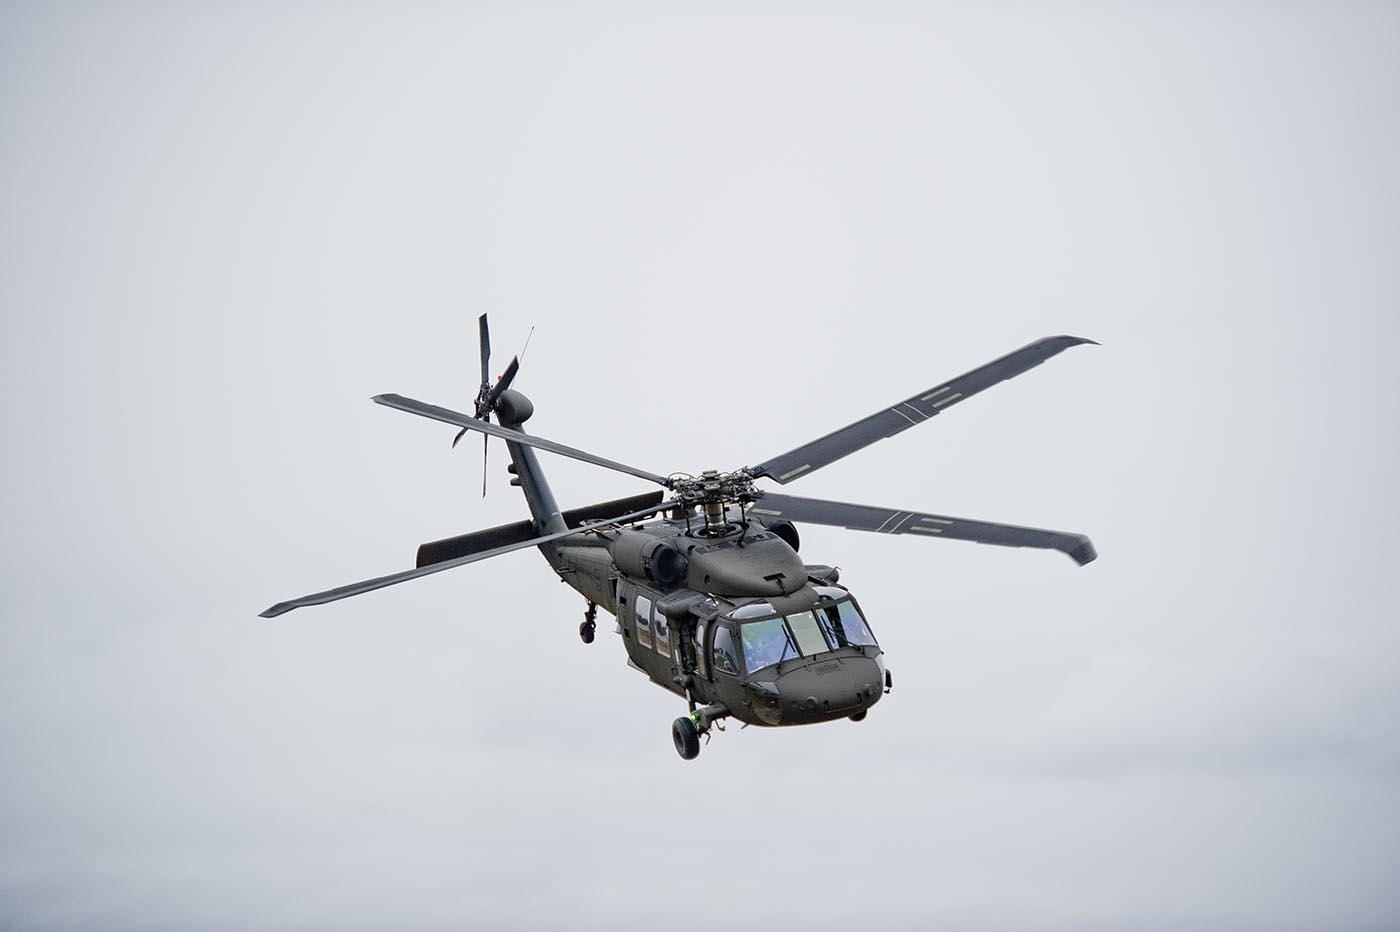 Helikoptrar är en lösning för att säkerställa jägarförbandens behov av operativ rörlighet. Foto: Försvarsmakten.